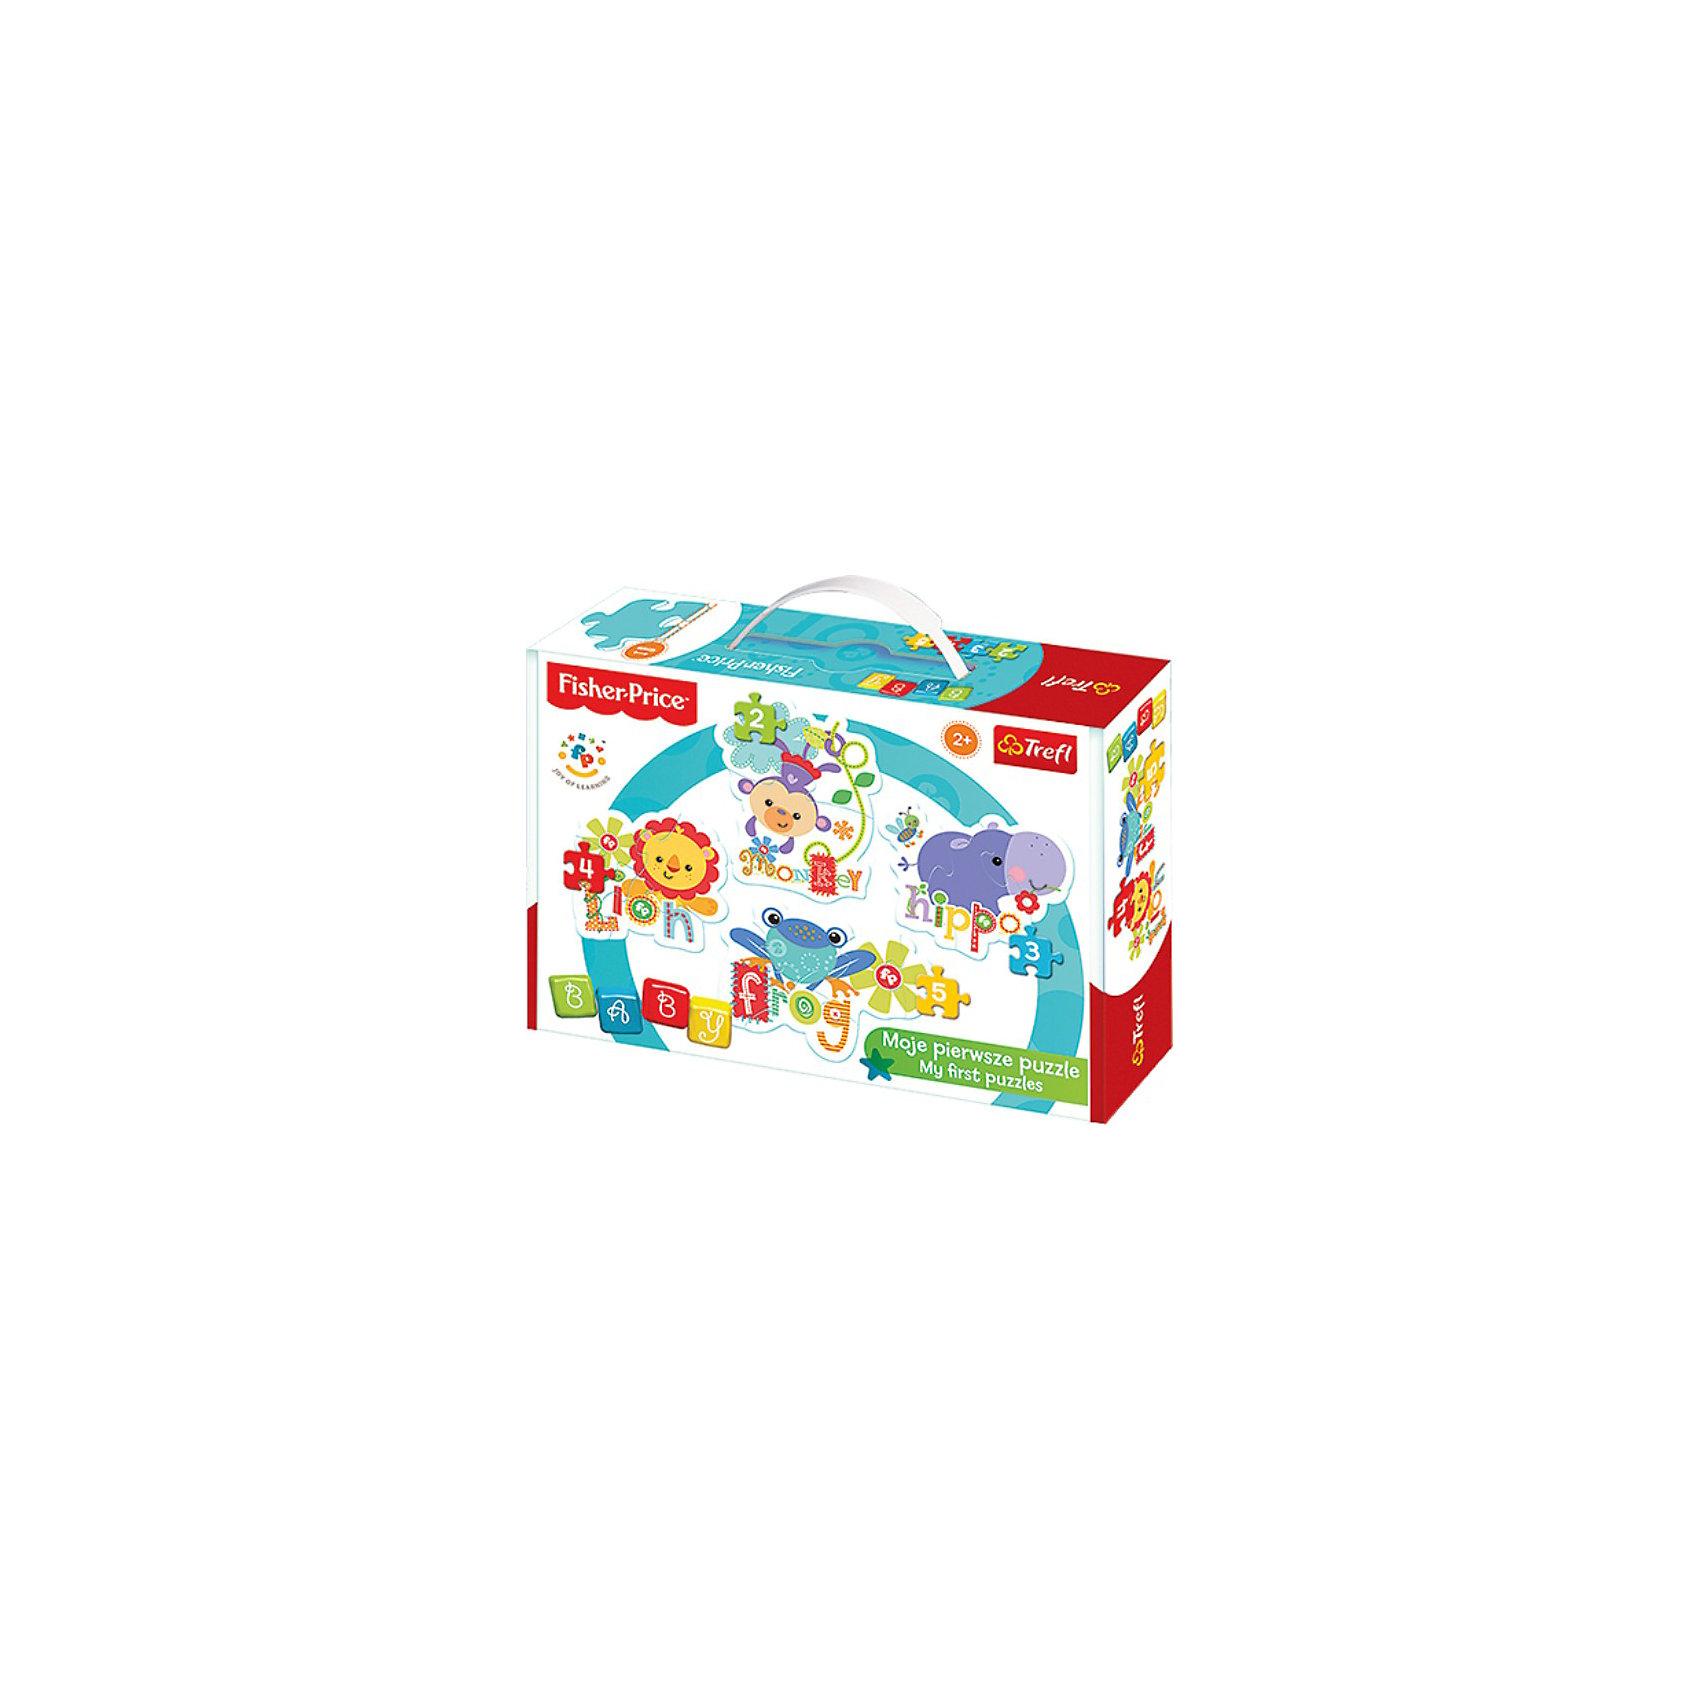 Пазлы Дикие животные 2, TreflПазлы для малышей<br>Пазлы для малышей от Trefl созданы с любовью и аккуратностью для самых маленьких любителей логических игр. Четкие яркие цвета, безопасные материалы, крепкая сцепка и добродушные картинки привлекут внимание ребенка и заинтересуют в сборке. В подарочной коробочке вы найдете 4 пазла с изображениями диких, но улыбчивых, животных: бегемота, льва, лягушки и обезьяны. Усложняйте задачу с помощью увеличения количества деталей: сначала можно собрать пазл из двух фрагментов, потом из трех, четырех и, наконец, пяти. А готовые картинки можно повесить на стену комнаты, украсив помещение! Игра с пазлами развивает мелкую моторику и воображение. Толщина картона достигает 4мм, поэтому детали удобно держать в руке, а сборка пазлов принесет много позитива и радости! Возраст: от 2 лет.<br><br>Ширина мм: 274<br>Глубина мм: 198<br>Высота мм: 66<br>Вес г: 445<br>Возраст от месяцев: 24<br>Возраст до месяцев: 36<br>Пол: Унисекс<br>Возраст: Детский<br>Количество деталей: 2<br>SKU: 3869072